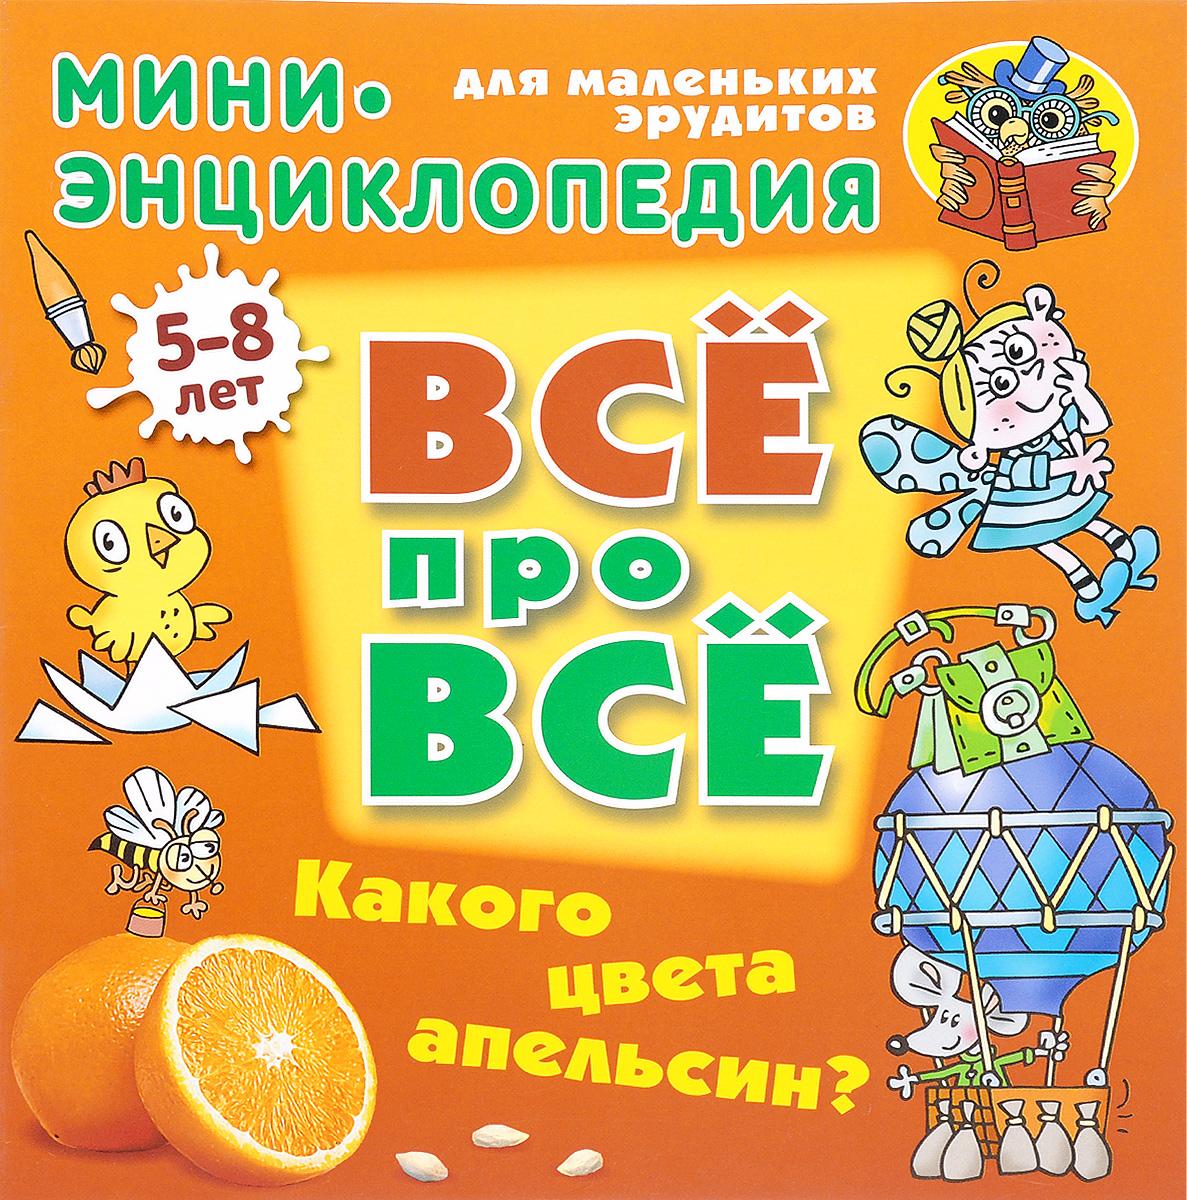 Все про все.Мини-энц/ Какого цвета апельсин? 5-8лет